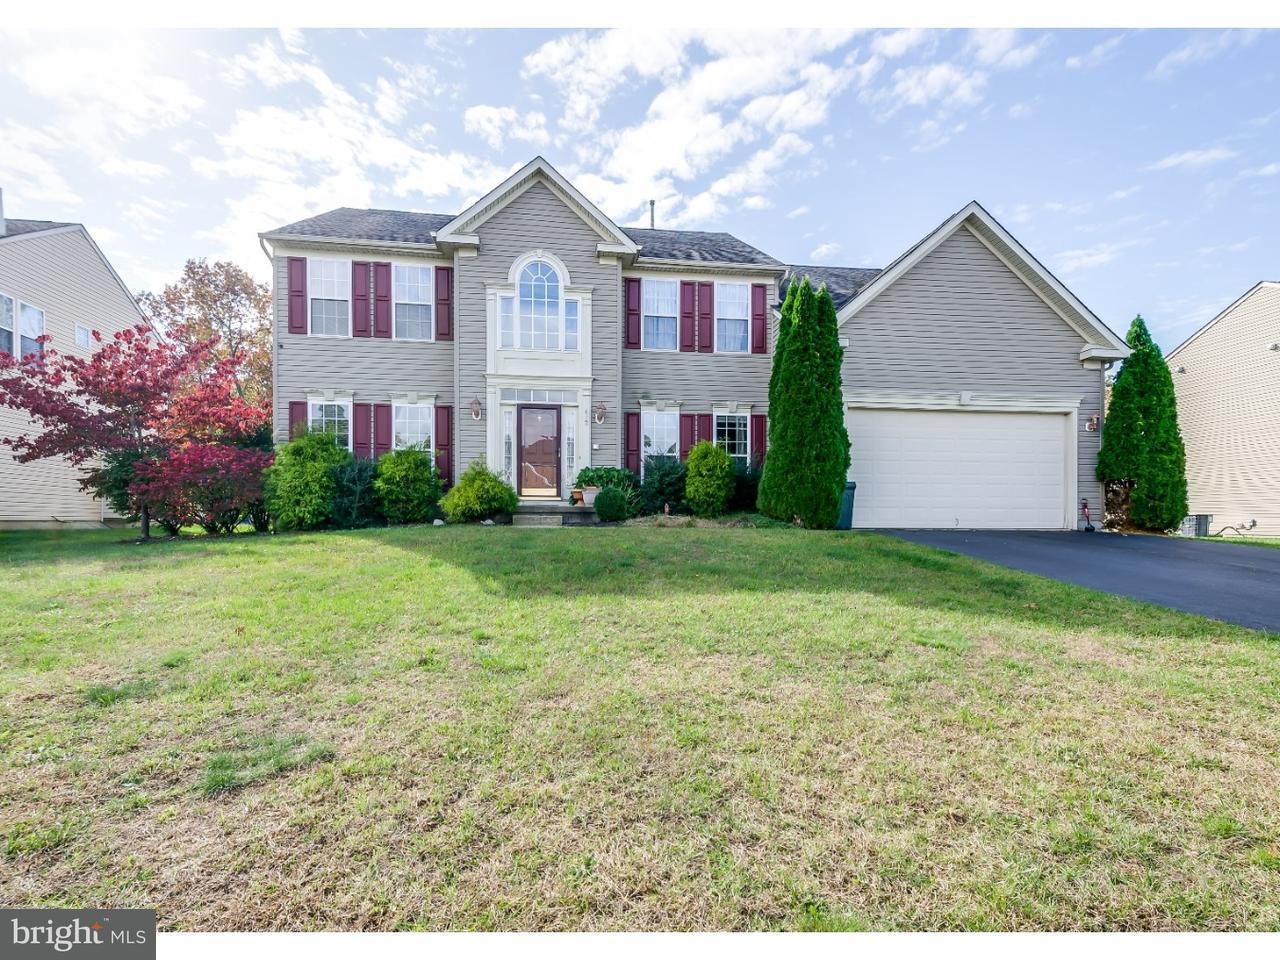 Maison unifamiliale pour l Vente à 412 MONTANA Trail Browns Mills, New Jersey 08015 États-Unis